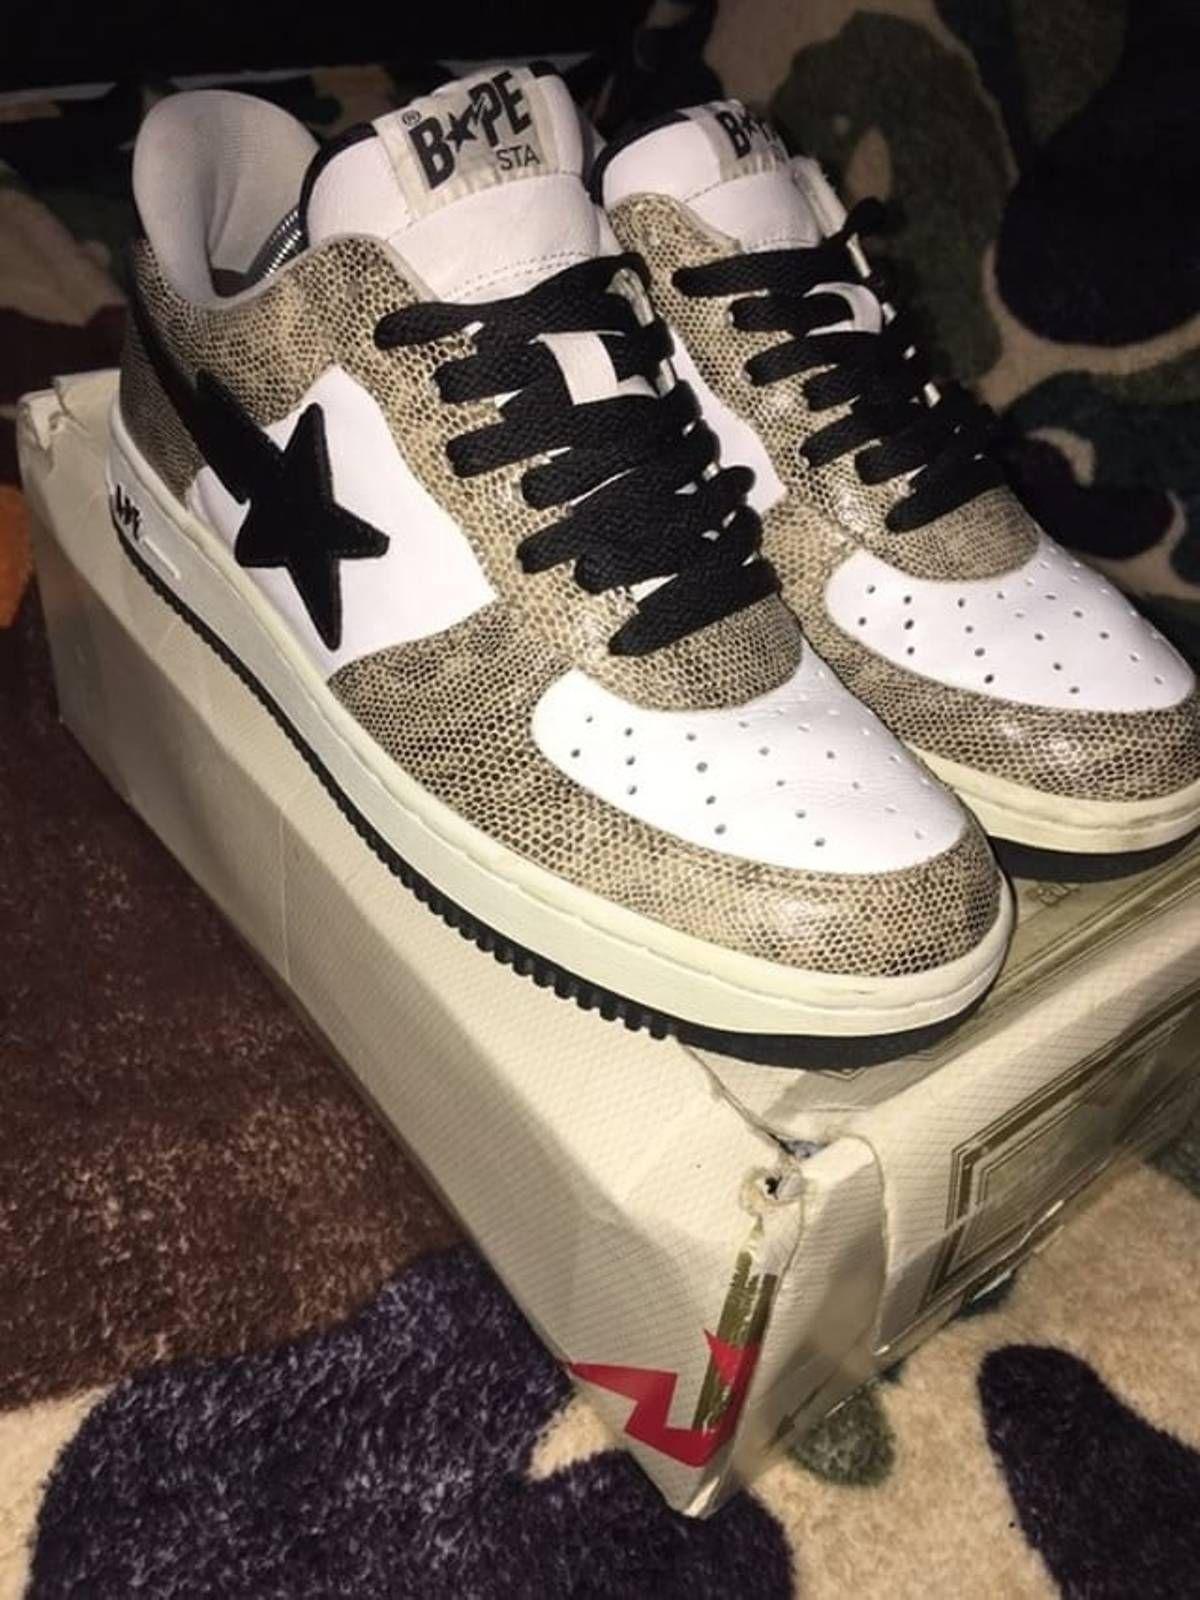 70519b5870d60 Bape OG Bape Snakeskin Bapestas Size 10 - Low-Top Sneakers for Sale -  Grailed